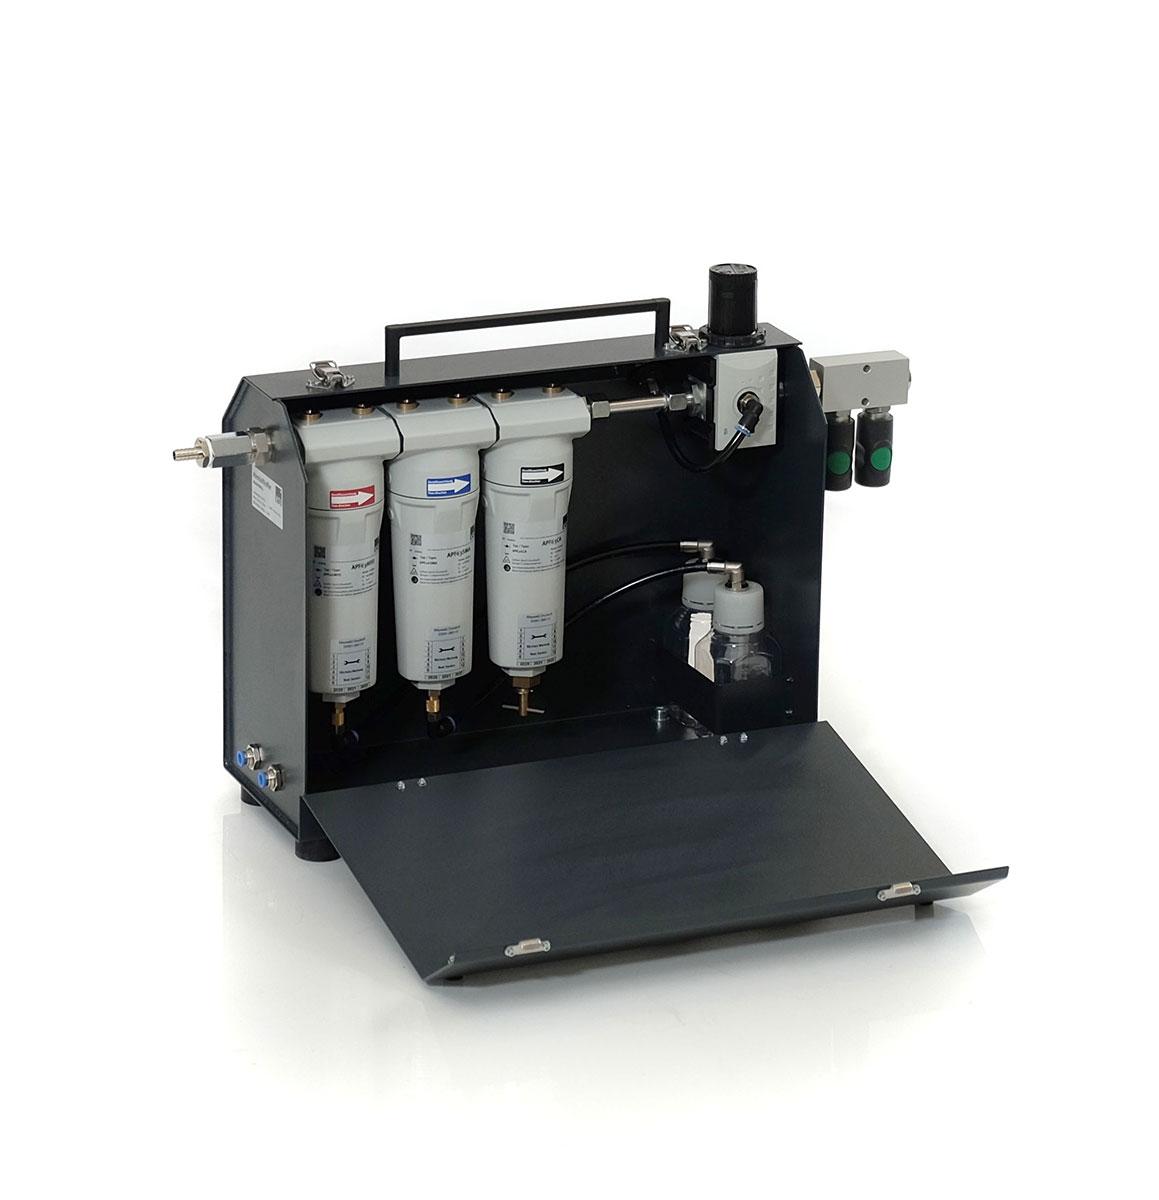 KSI Filtertechnik MAK63 Mobile breathing air system